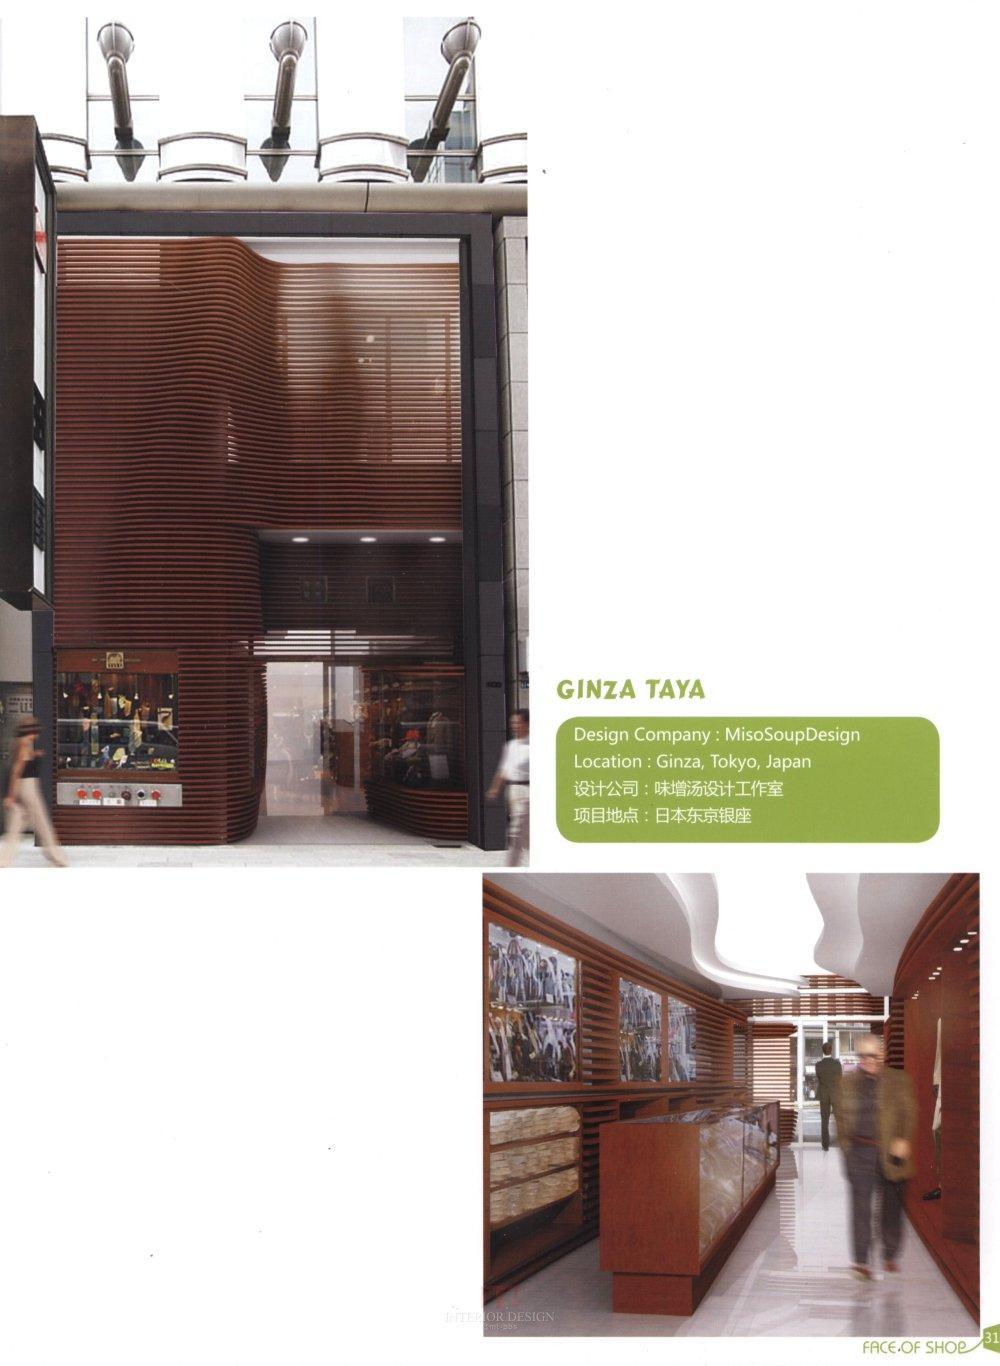 商业店铺、门头设计_kebi 0308.jpg